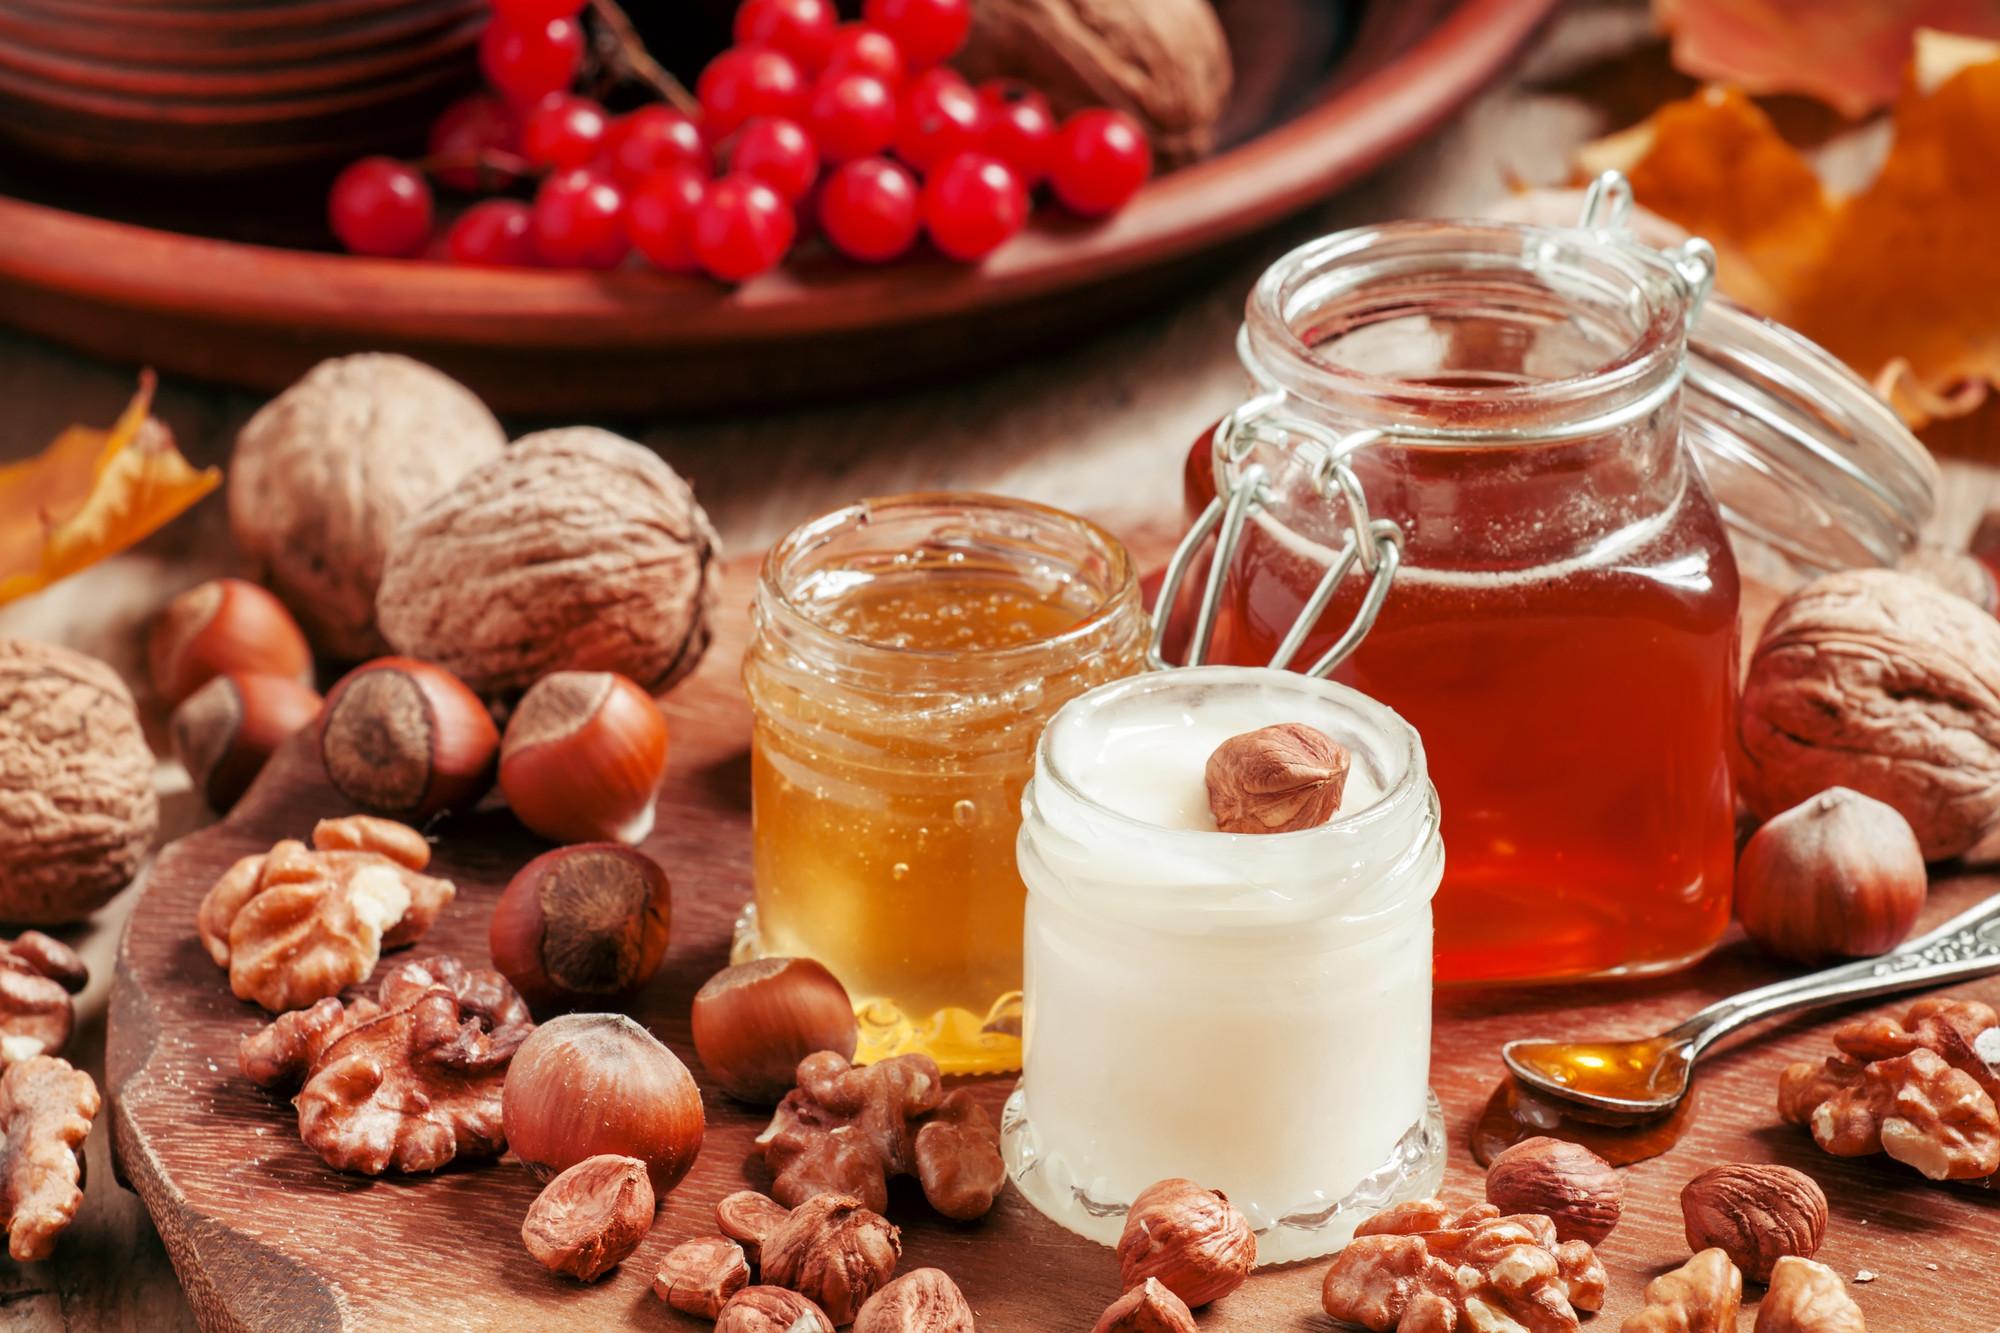 Грецкие орехи полезно есть с медом